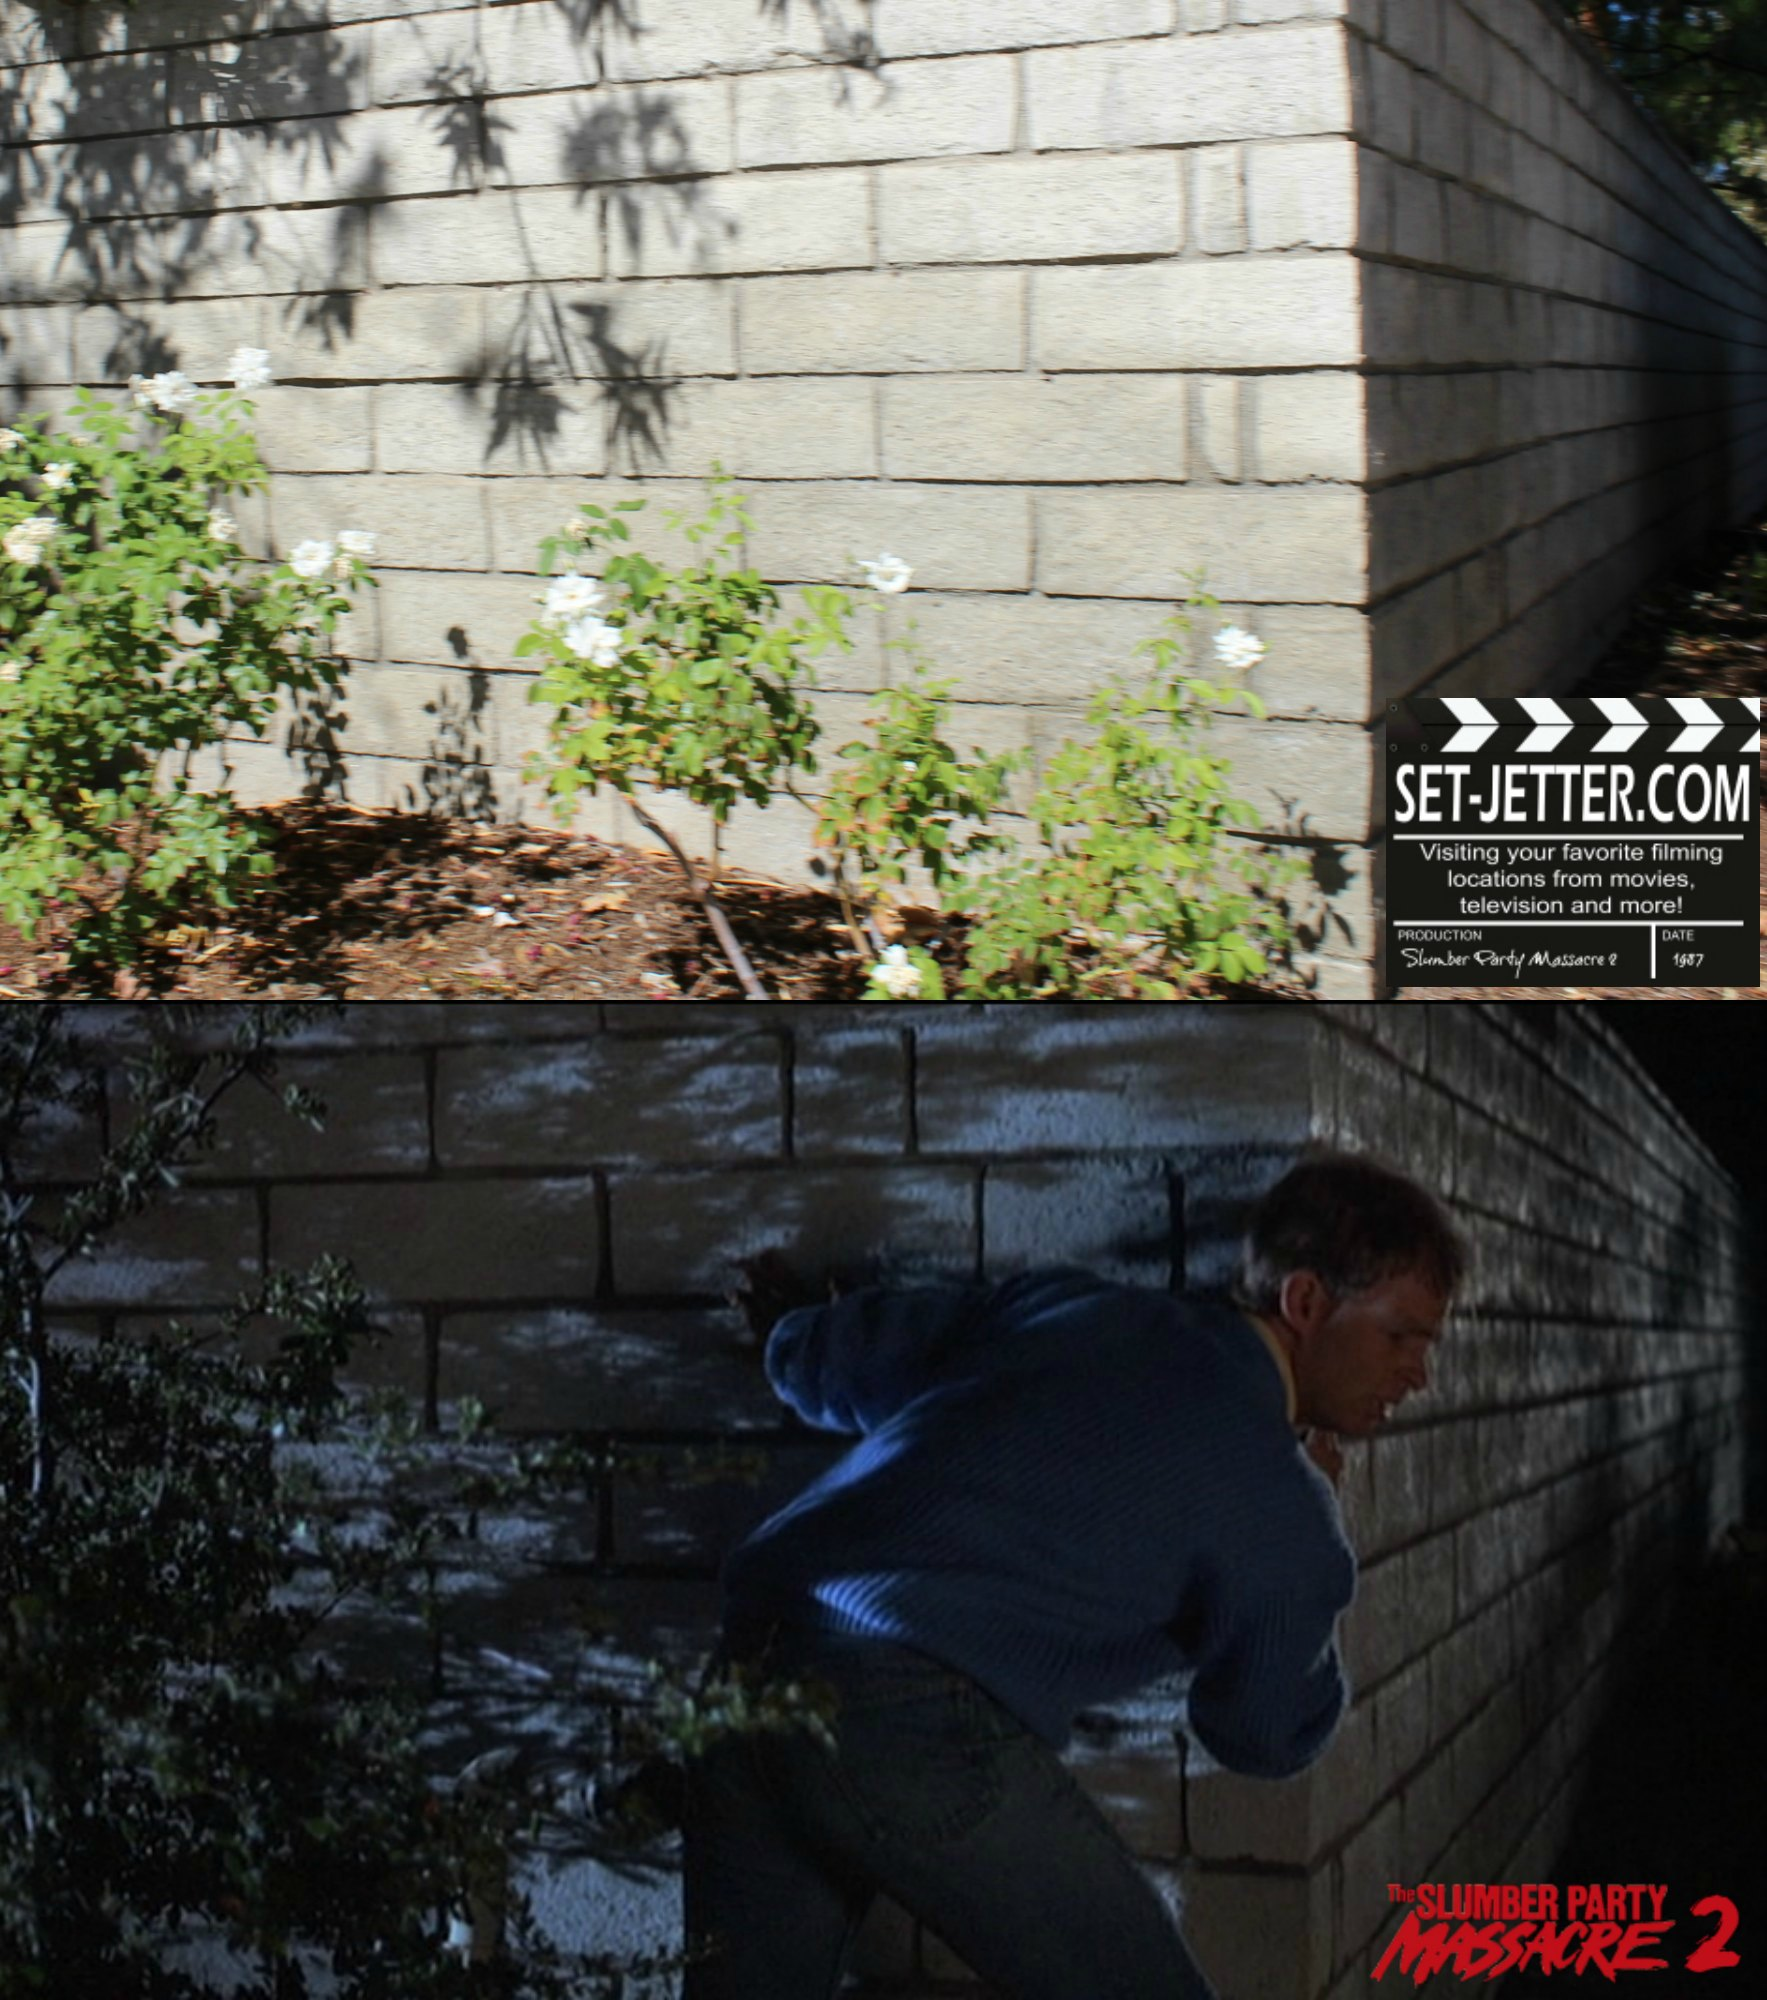 Slumber Party Massacre 2 comparison 54.jpg